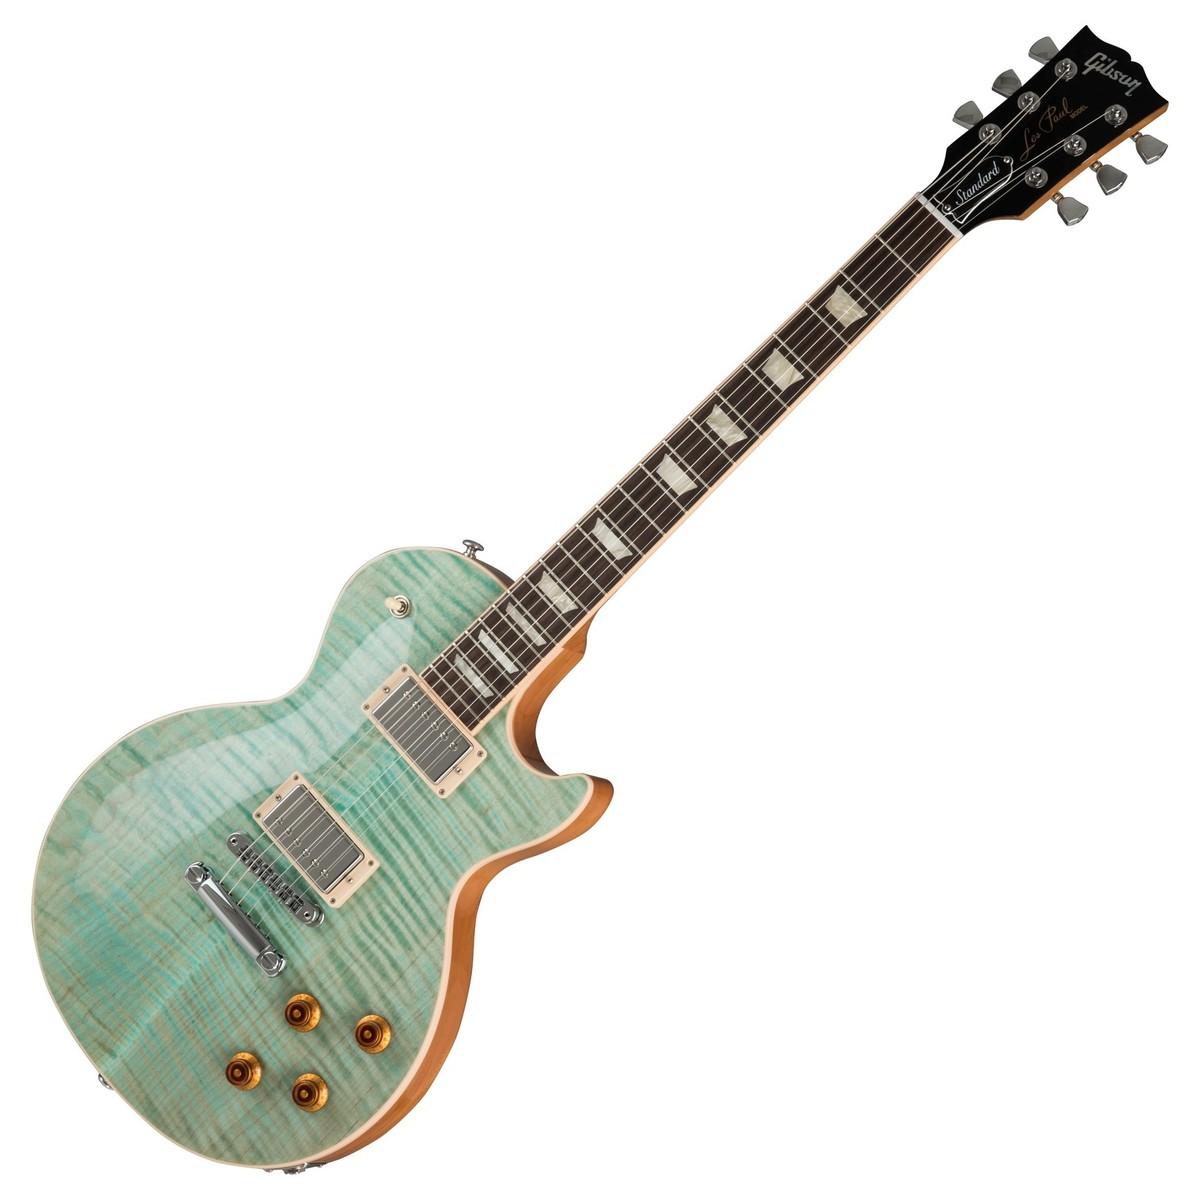 Gibson Les Paul Seafoam Green : gibson les paul standard 2019 seafoam green at gear4music ~ Hamham.info Haus und Dekorationen